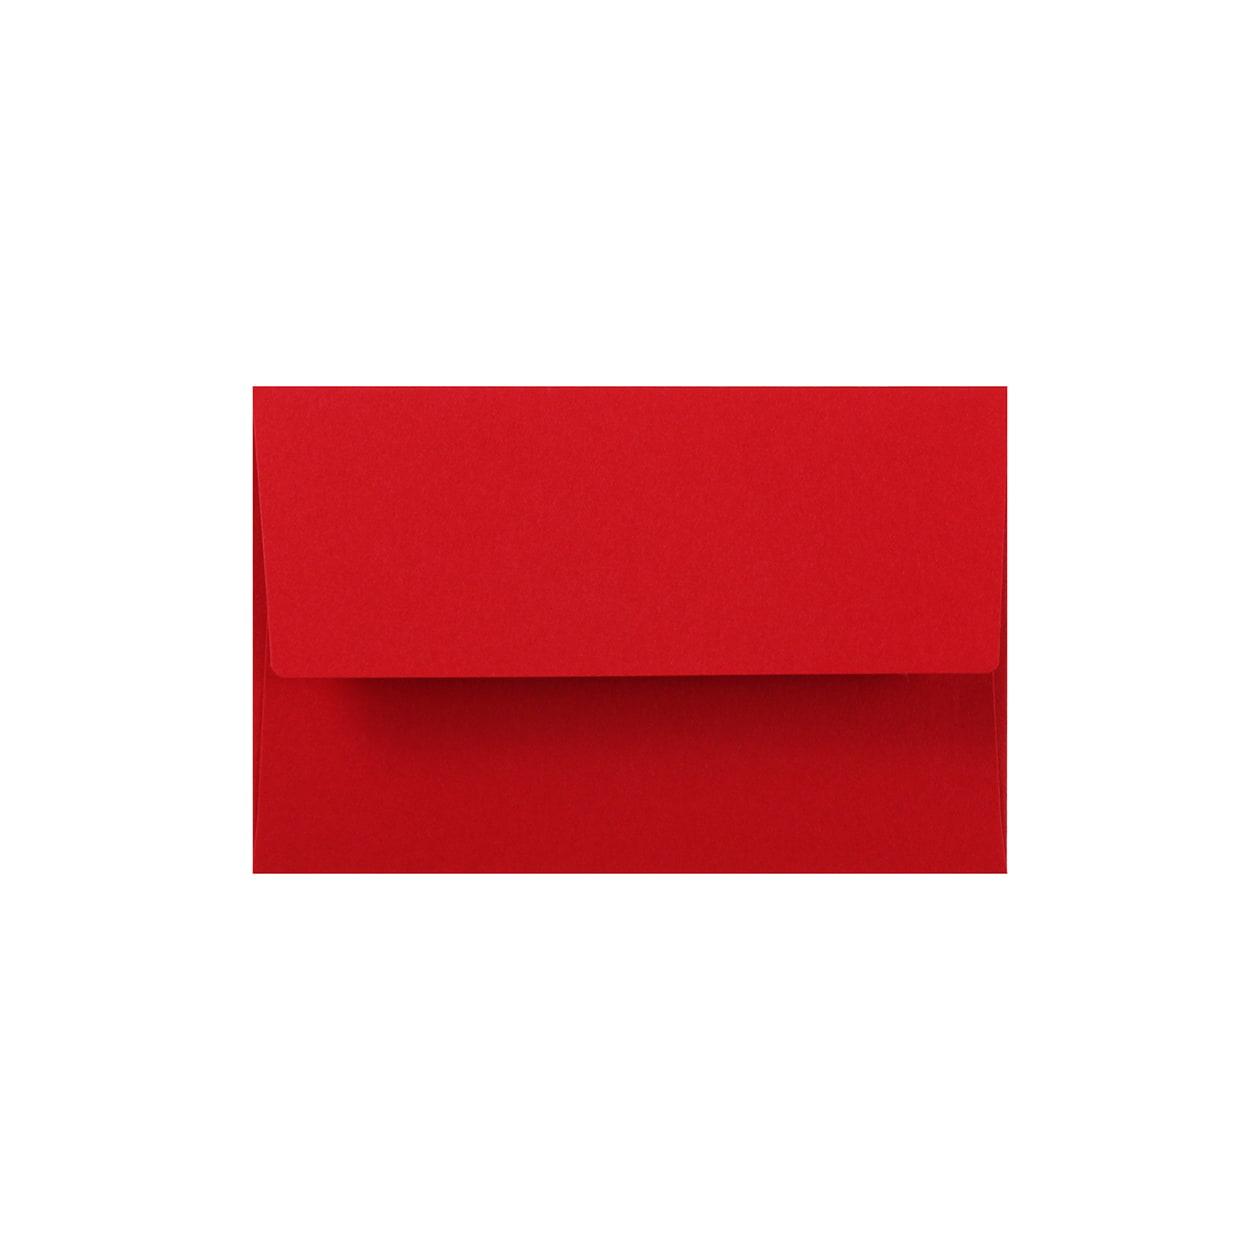 NEカマス封筒 コットン(NTラシャ) 濃赤(こいあか) 116.3g